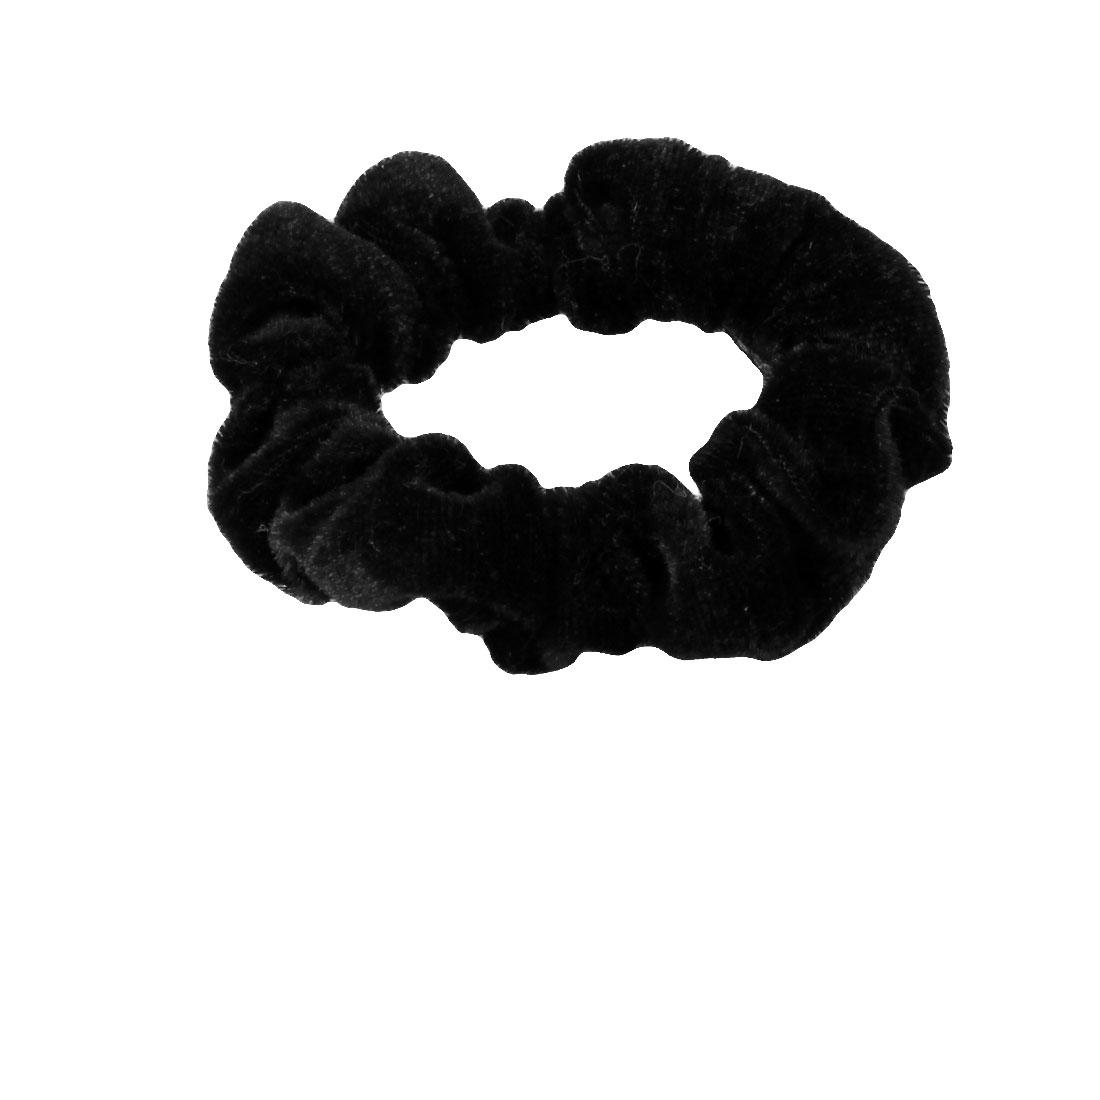 Woman Girl Black Velvet Elastic Hair Tie Ponytail Holder Band 4 Pcs